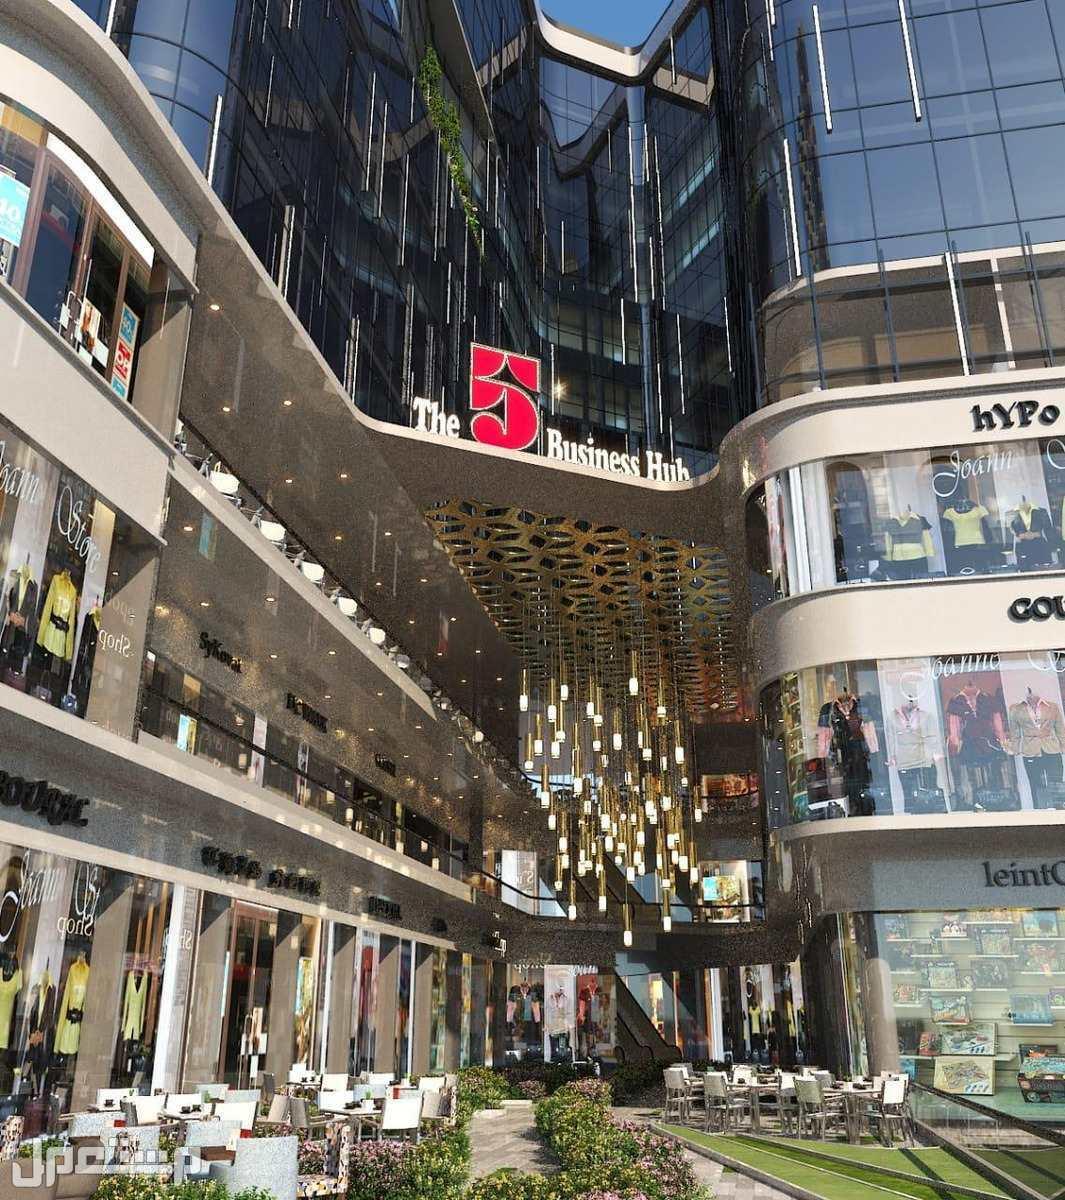 محلات للبيع في مصر العاصمة الادارية بالتقسيط على 5 سنوات